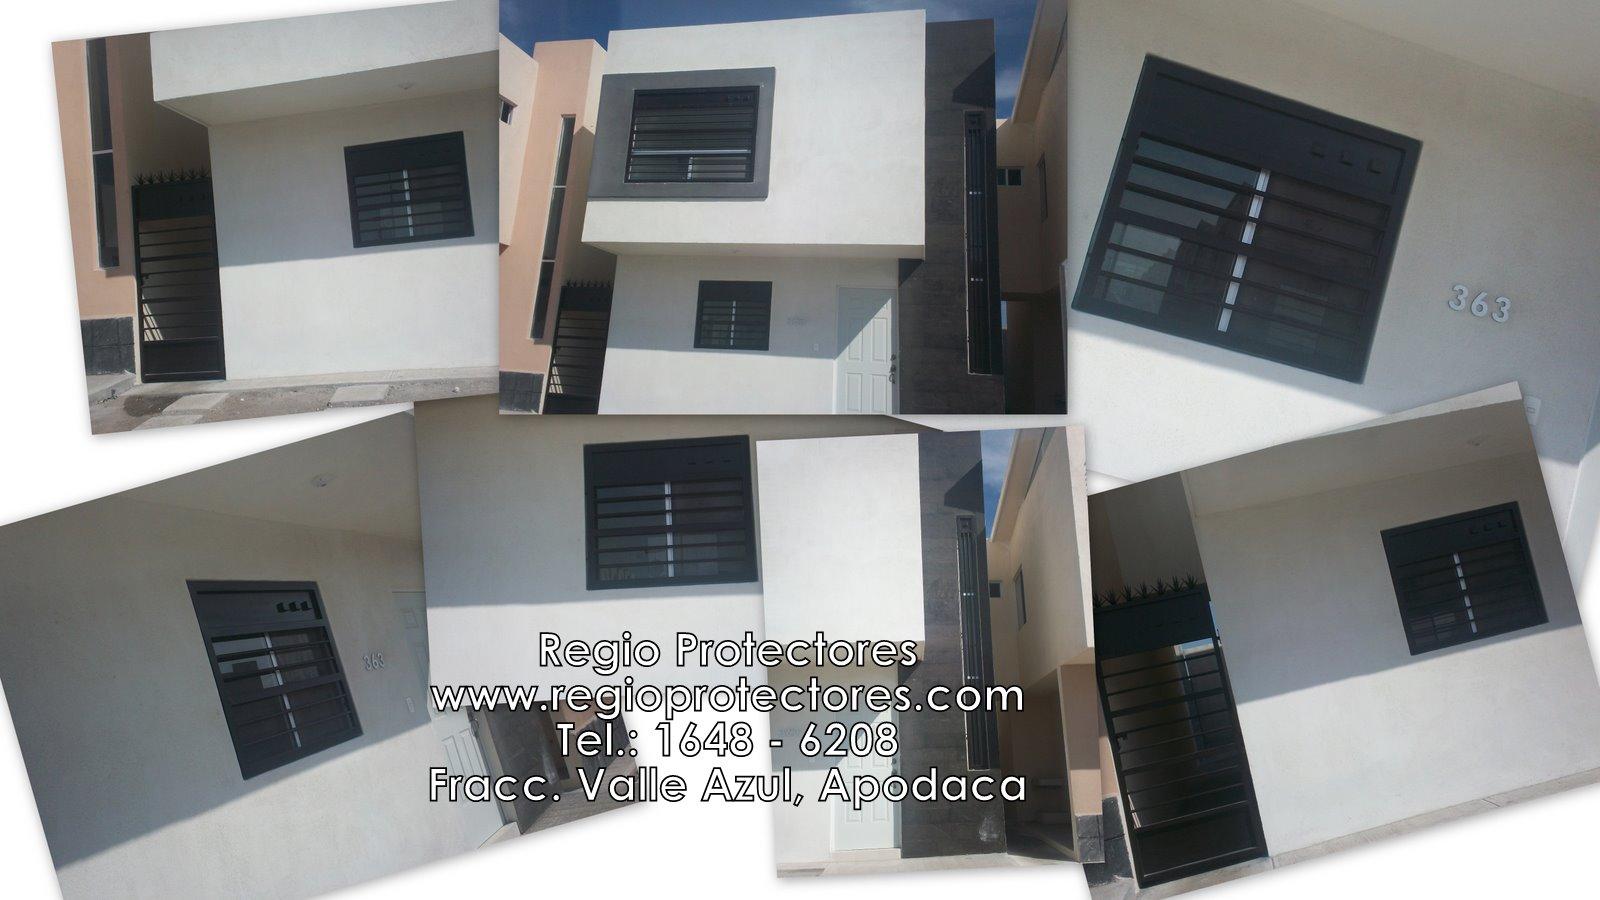 Regio Protectores, Protectores para ventanas, Fracc. Valle Azul